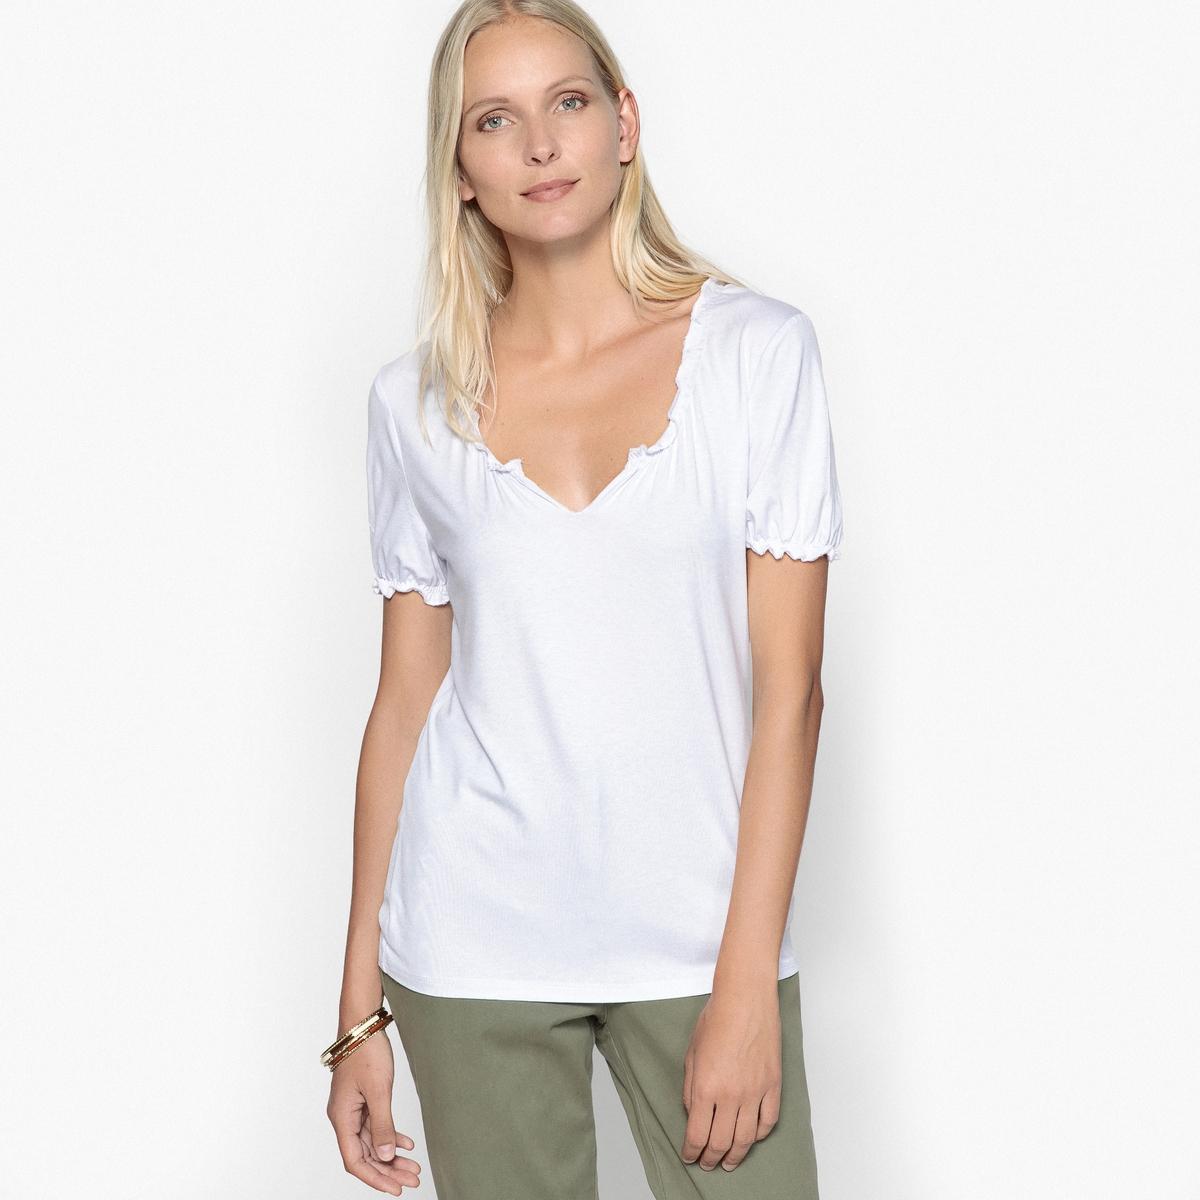 Футболка оригинальная из мягкого трикотажаОписание:Оригинальная футболка. Выбирайте эту футболку из эластичного джерси и наслаждайтесь мягким трикотажем, комфортным и женственным.Детали •  Короткие рукава •  Круглый вырезСостав и уход •  95% вискозы, 5% эластана •  Следуйте рекомендациям по уходу, указанным на этикетке изделия •  Оригинальный вырез и короткие рукава со сборками и воланами. •  Длина  : 65 см<br><br>Цвет: белый,бирюзовый,темно-синий<br>Размер: 46/48 (FR) - 52/54 (RUS).46/48 (FR) - 52/54 (RUS).38/40 (FR) - 44/46 (RUS).46/48 (FR) - 52/54 (RUS).42/44 (FR) - 48/50 (RUS).42/44 (FR) - 48/50 (RUS)